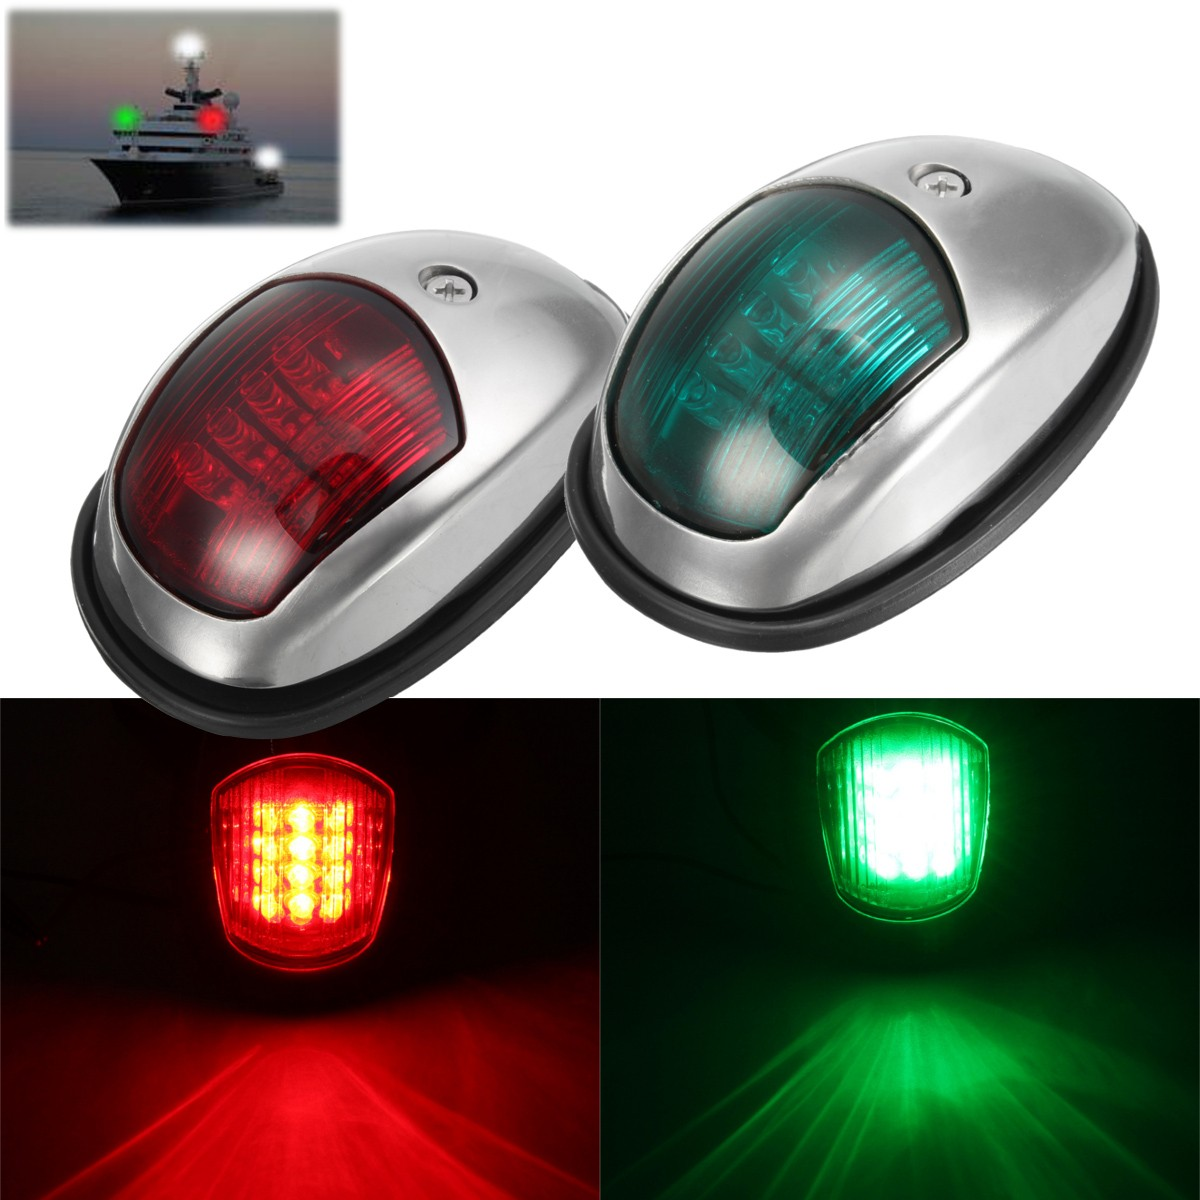 Paire 12 V LED lampe de Navigation Marine côté bâbord & tribord lumière pour bateau lustre/bateau/Yacht acier inoxydable 104*64*39mm